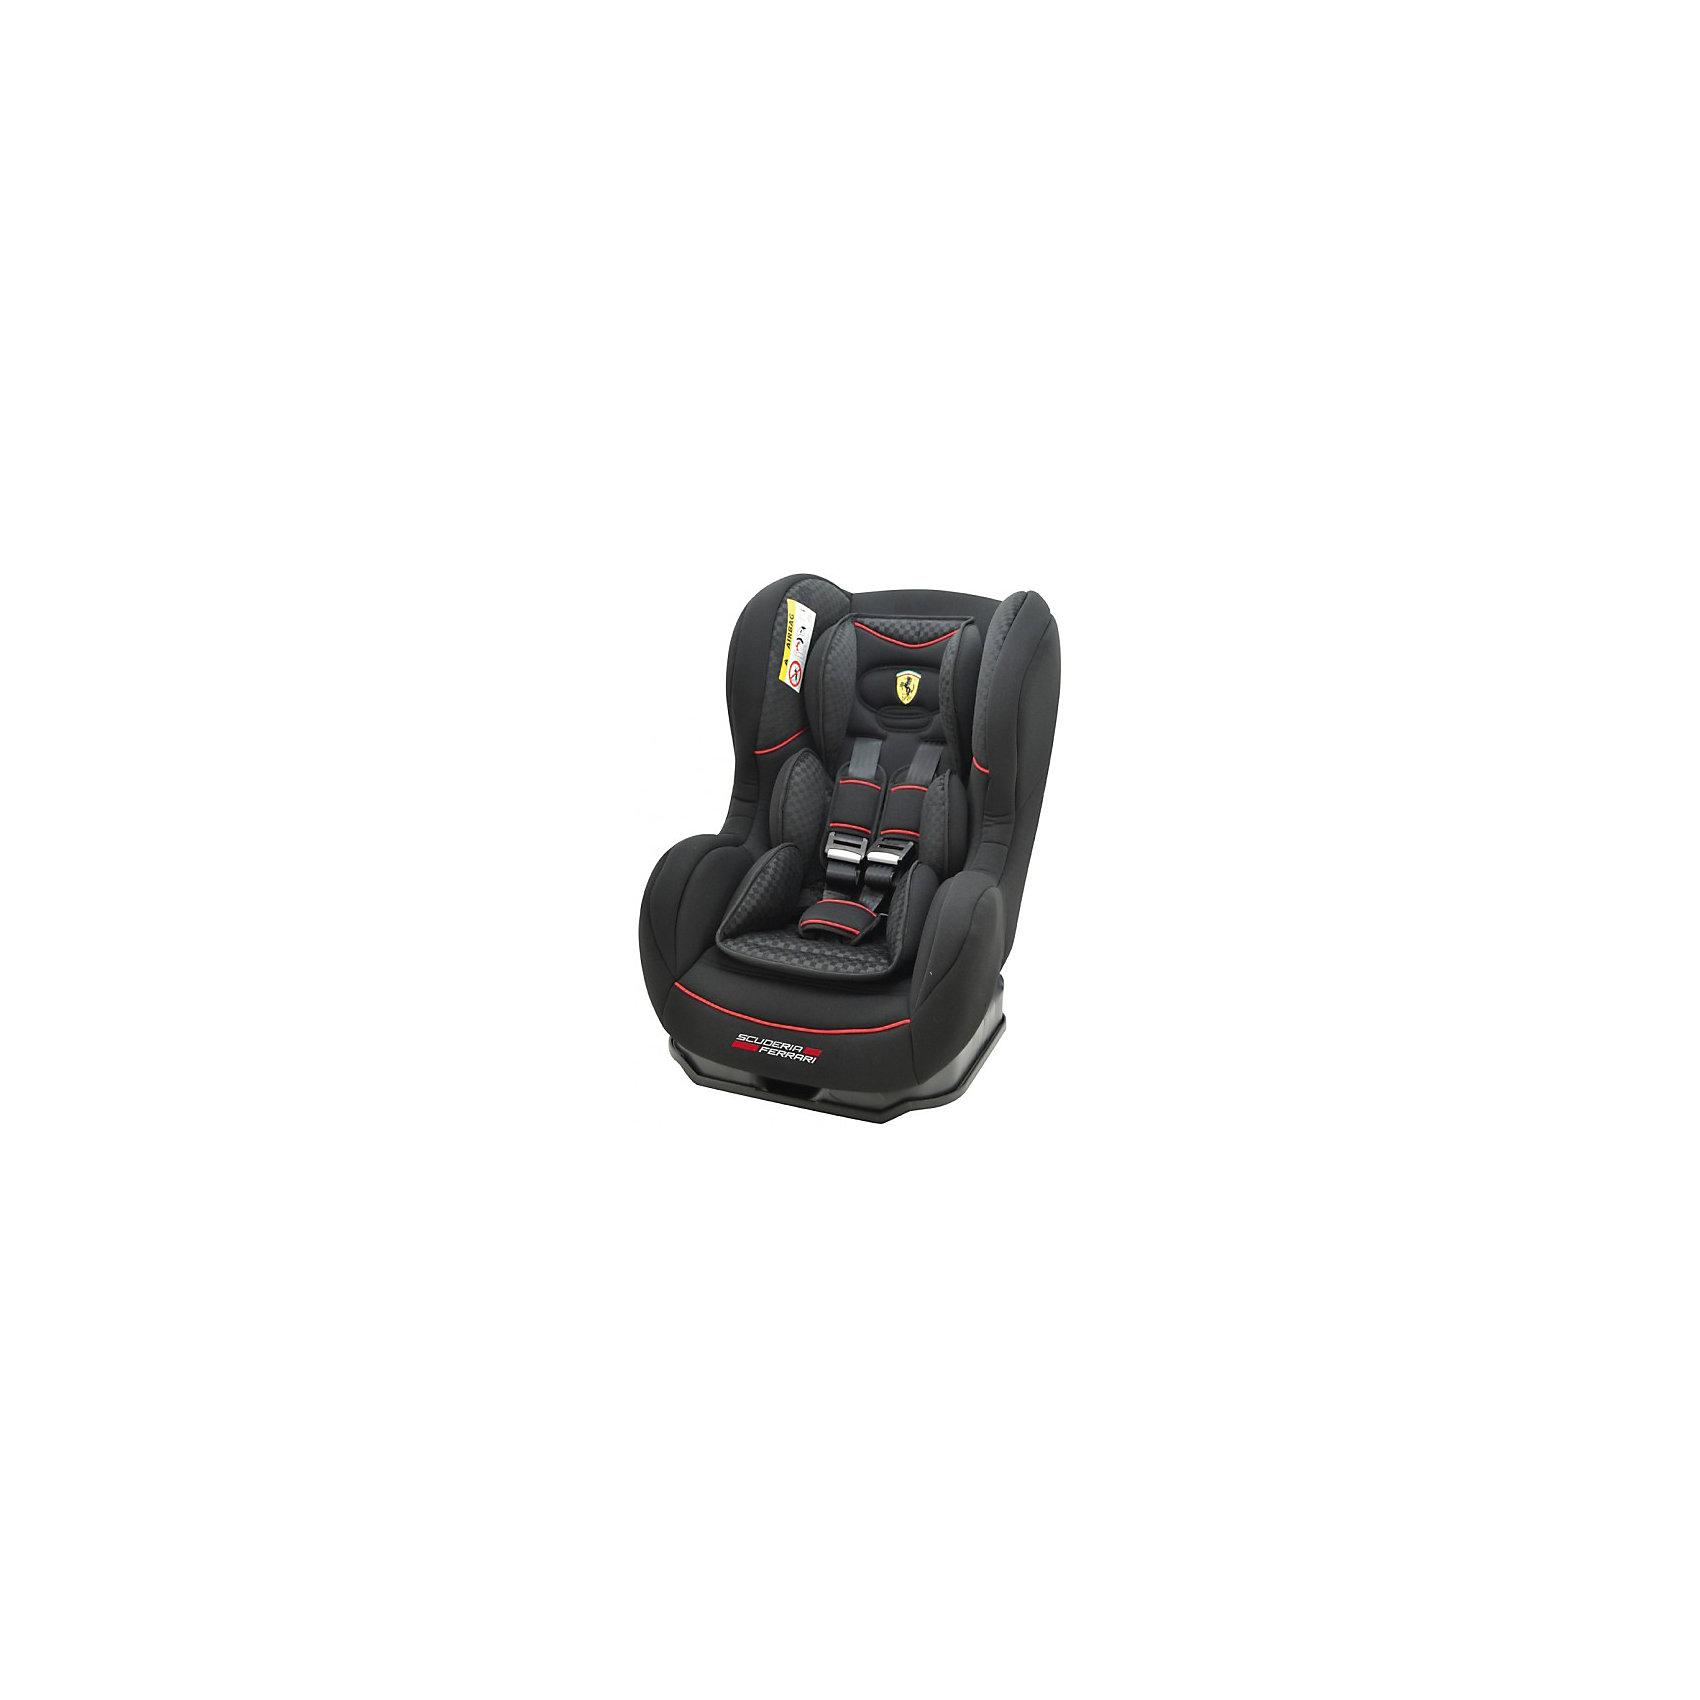 Автокресло Nania Cosmo SP LX, 0-18 кг, black ferrari